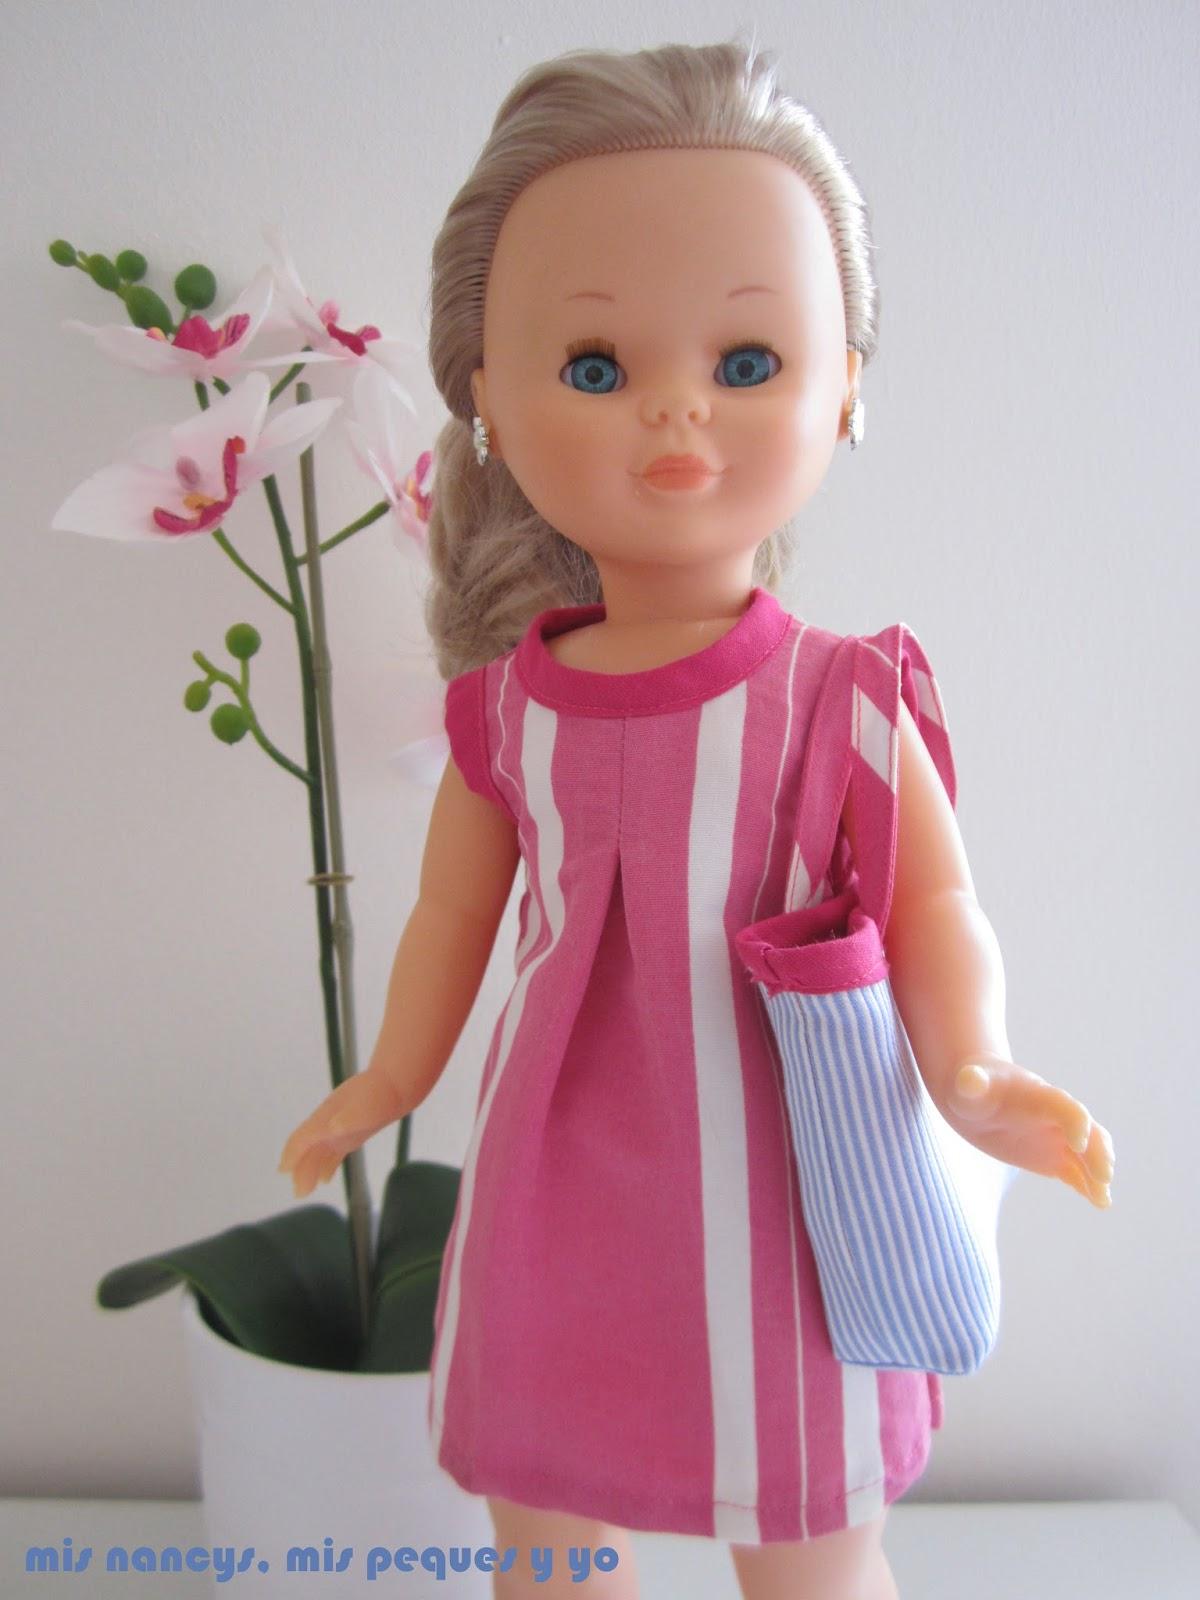 mis nancys, mis peques y yo, tutorial bolsa playera Nancy, detalle